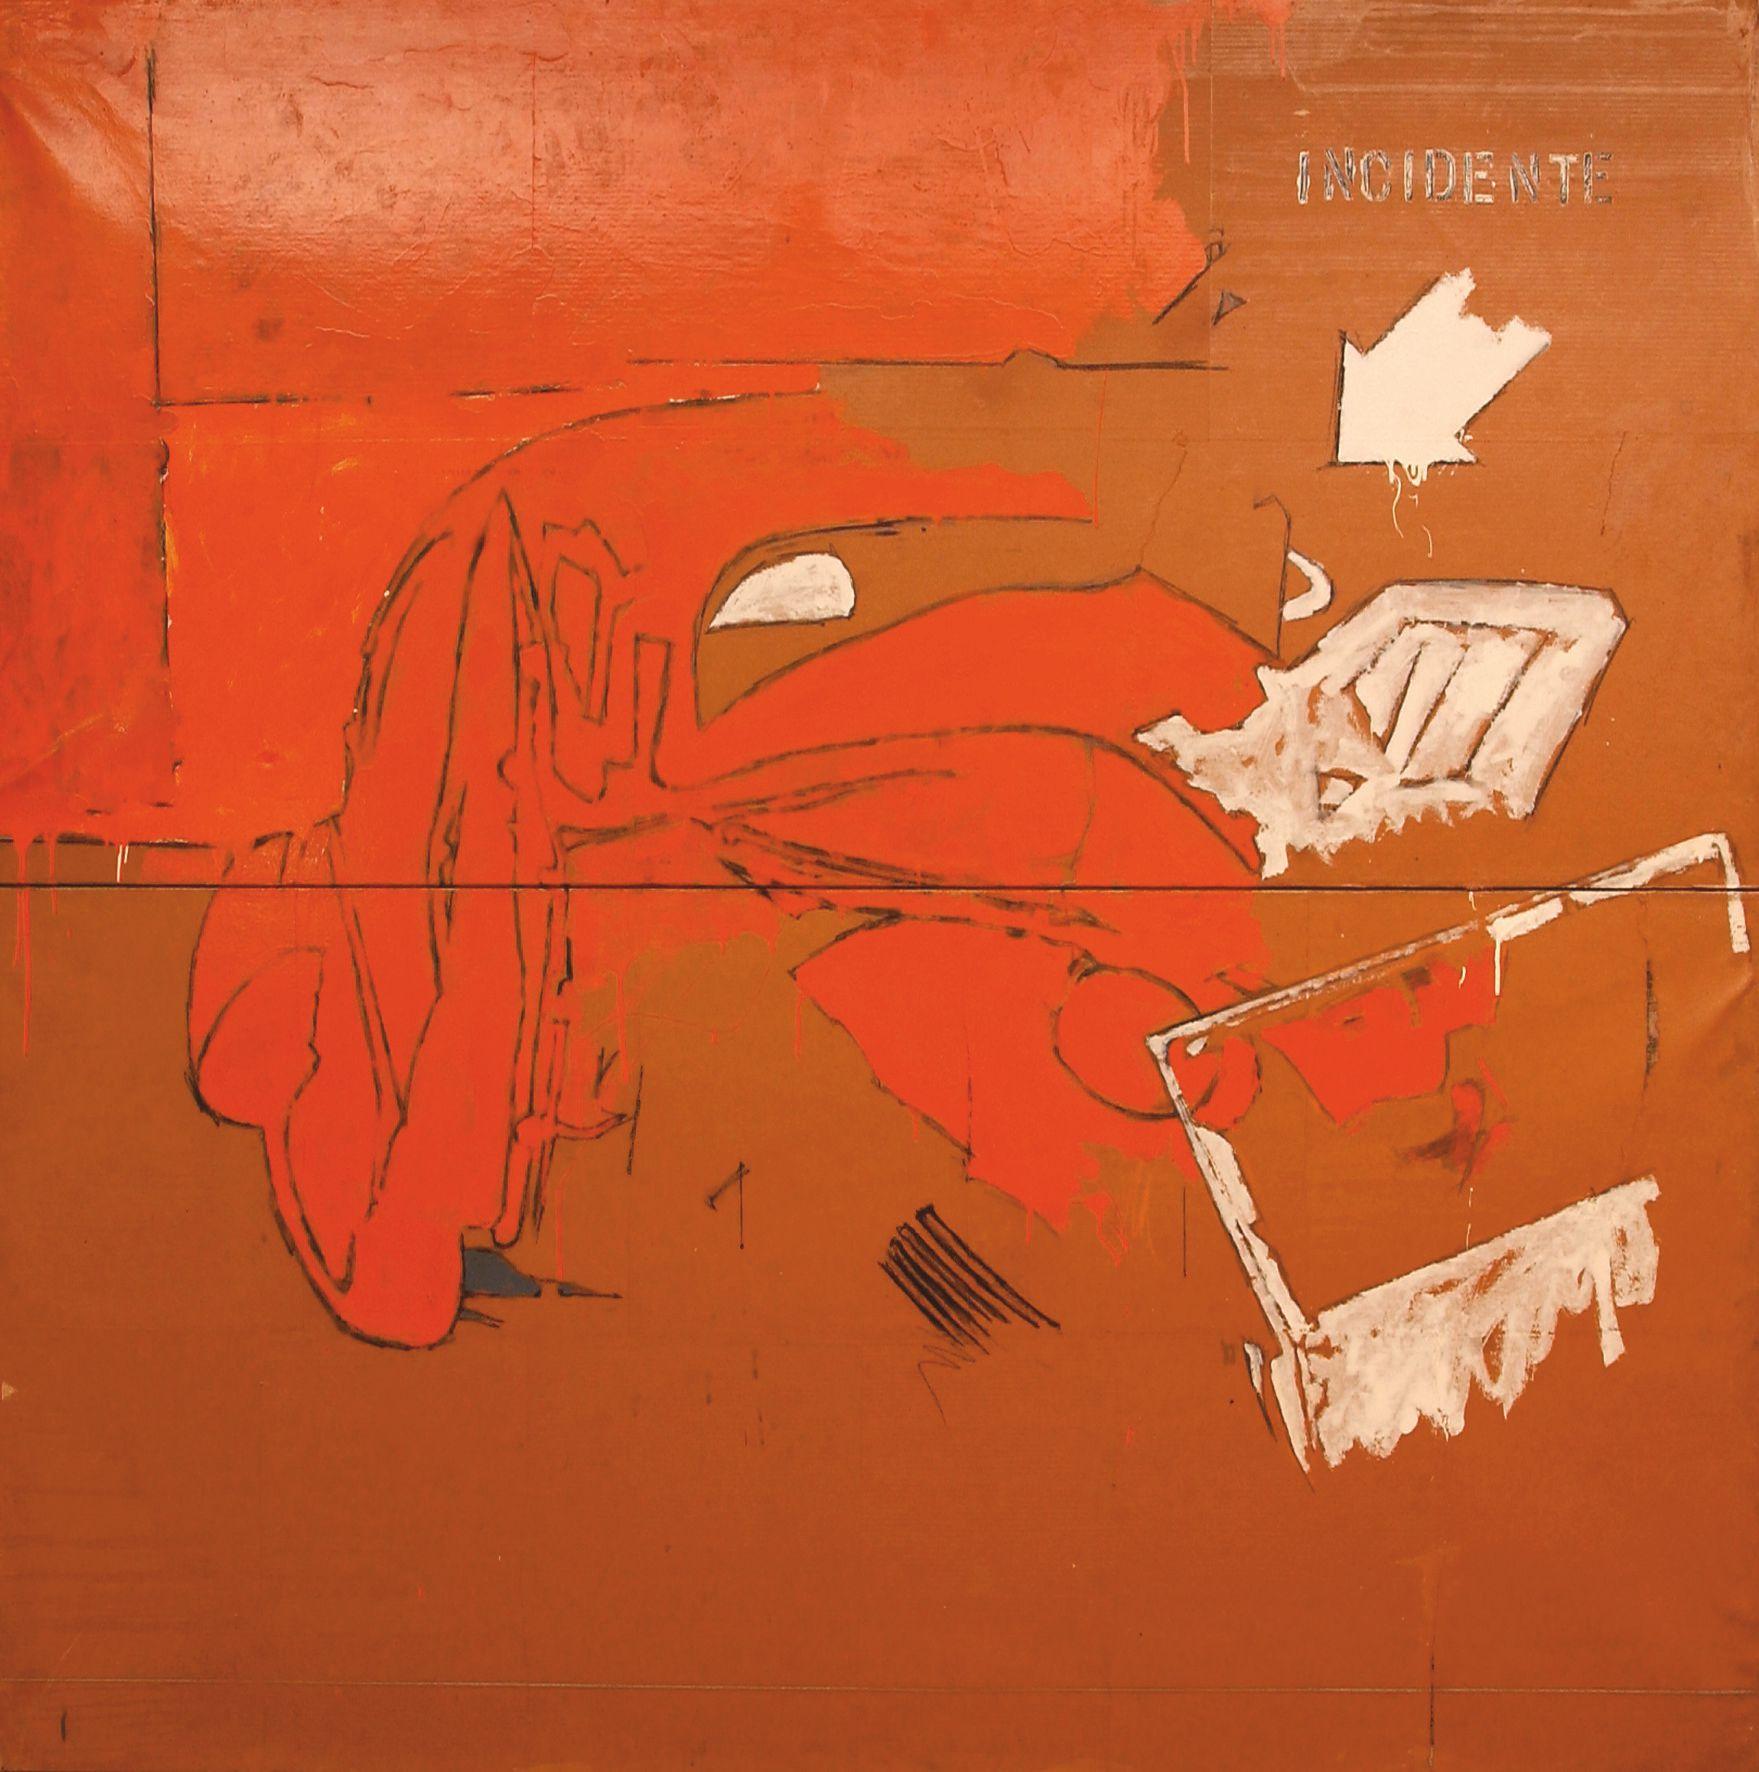 Mario-Schifano, Incidente, 1963,-smalto, pastello-e-cera-su-cartoncino-intelato-cm.-200-x-200, Collezione-Casa-di-Cultura-Goffredo-Parise, Ponte-di-Piave